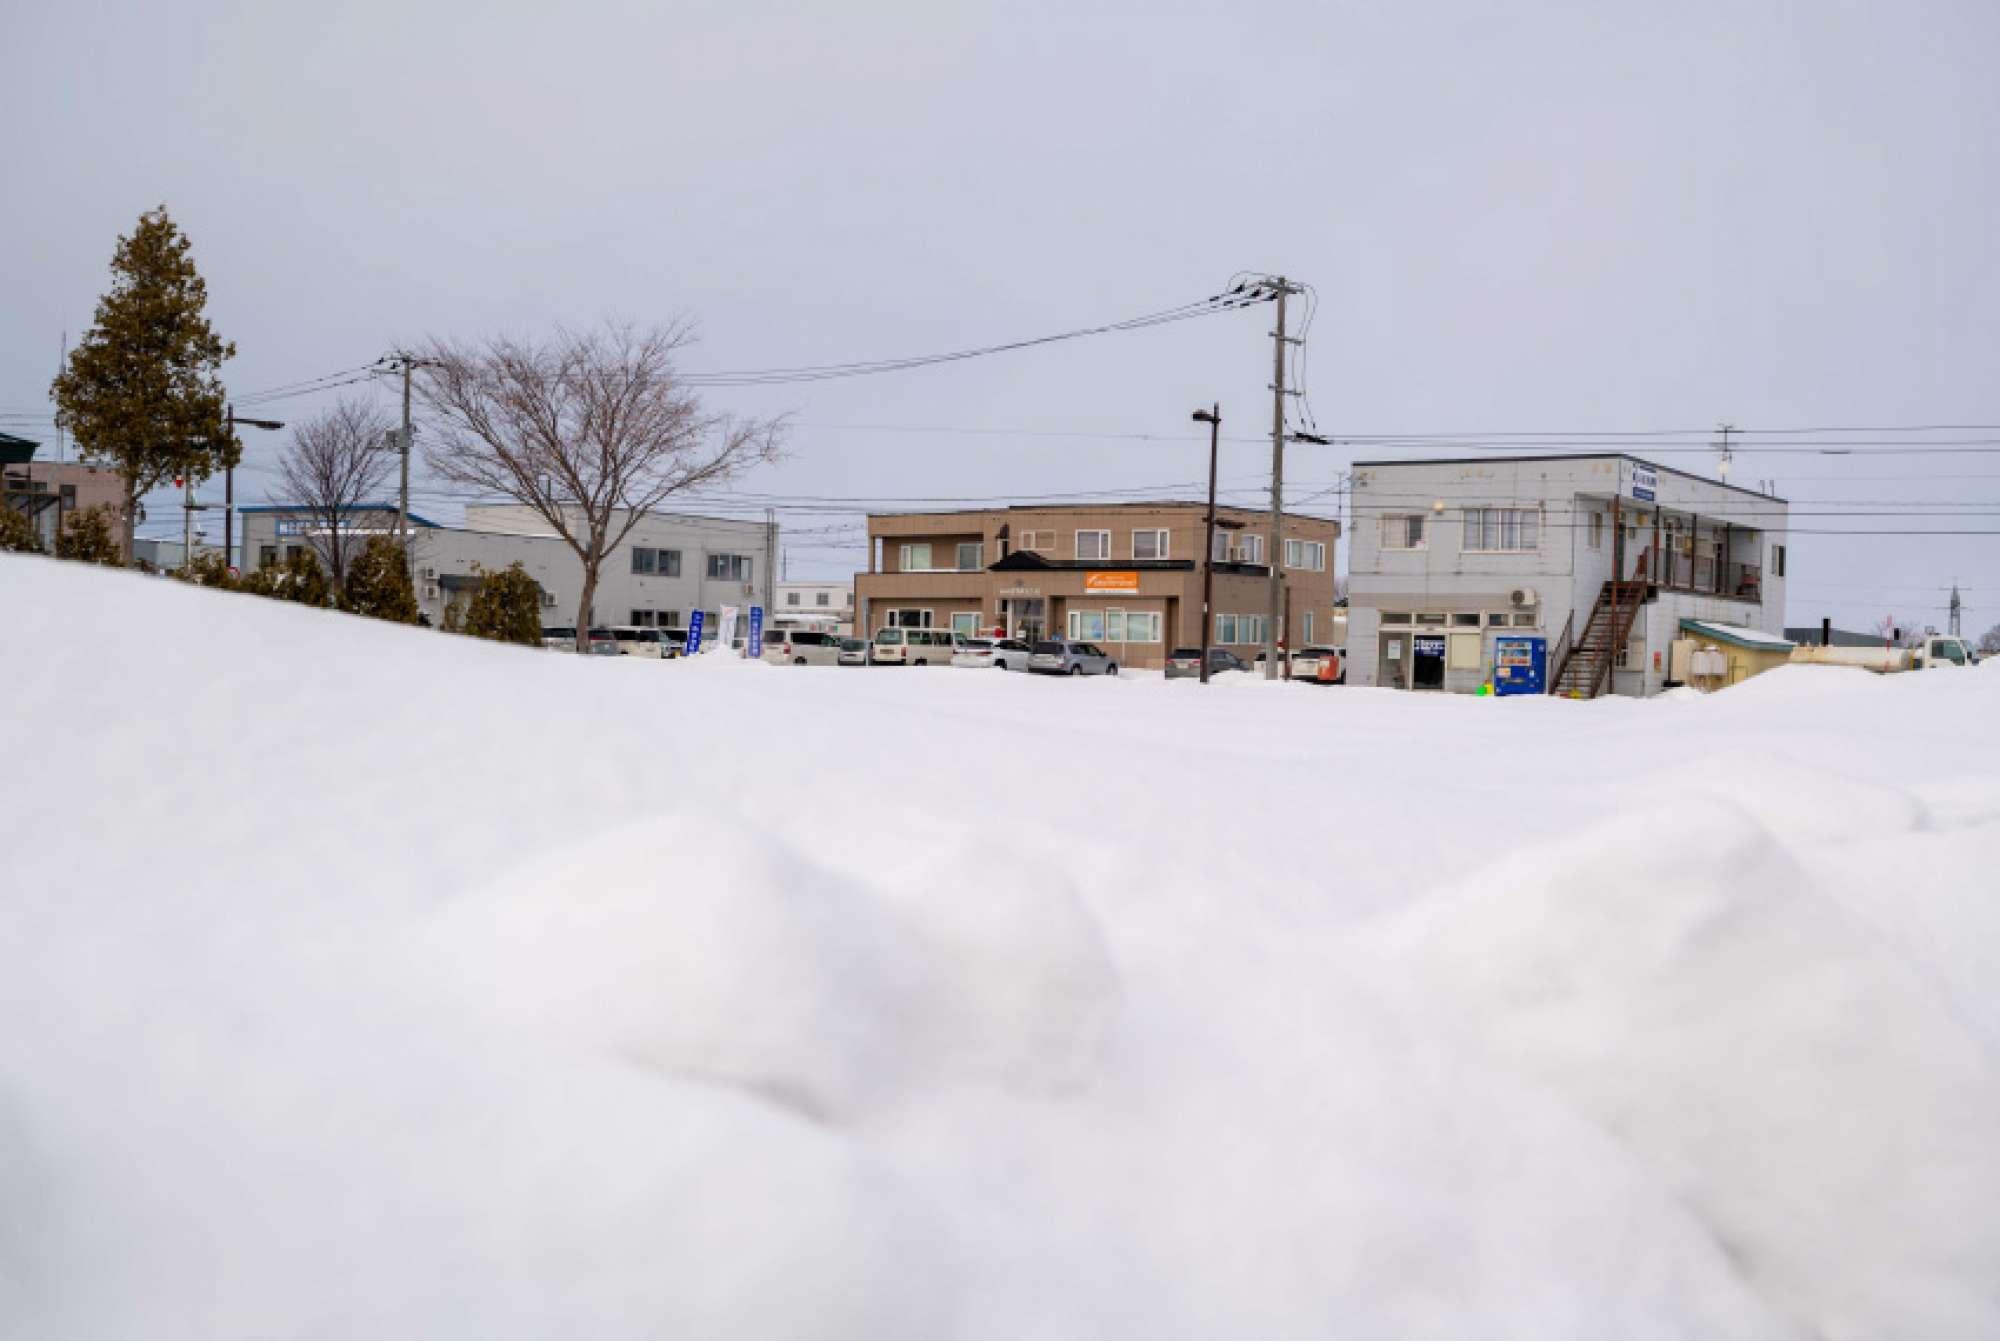 岩見沢、大雪の日は遅刻も認めてもらえます